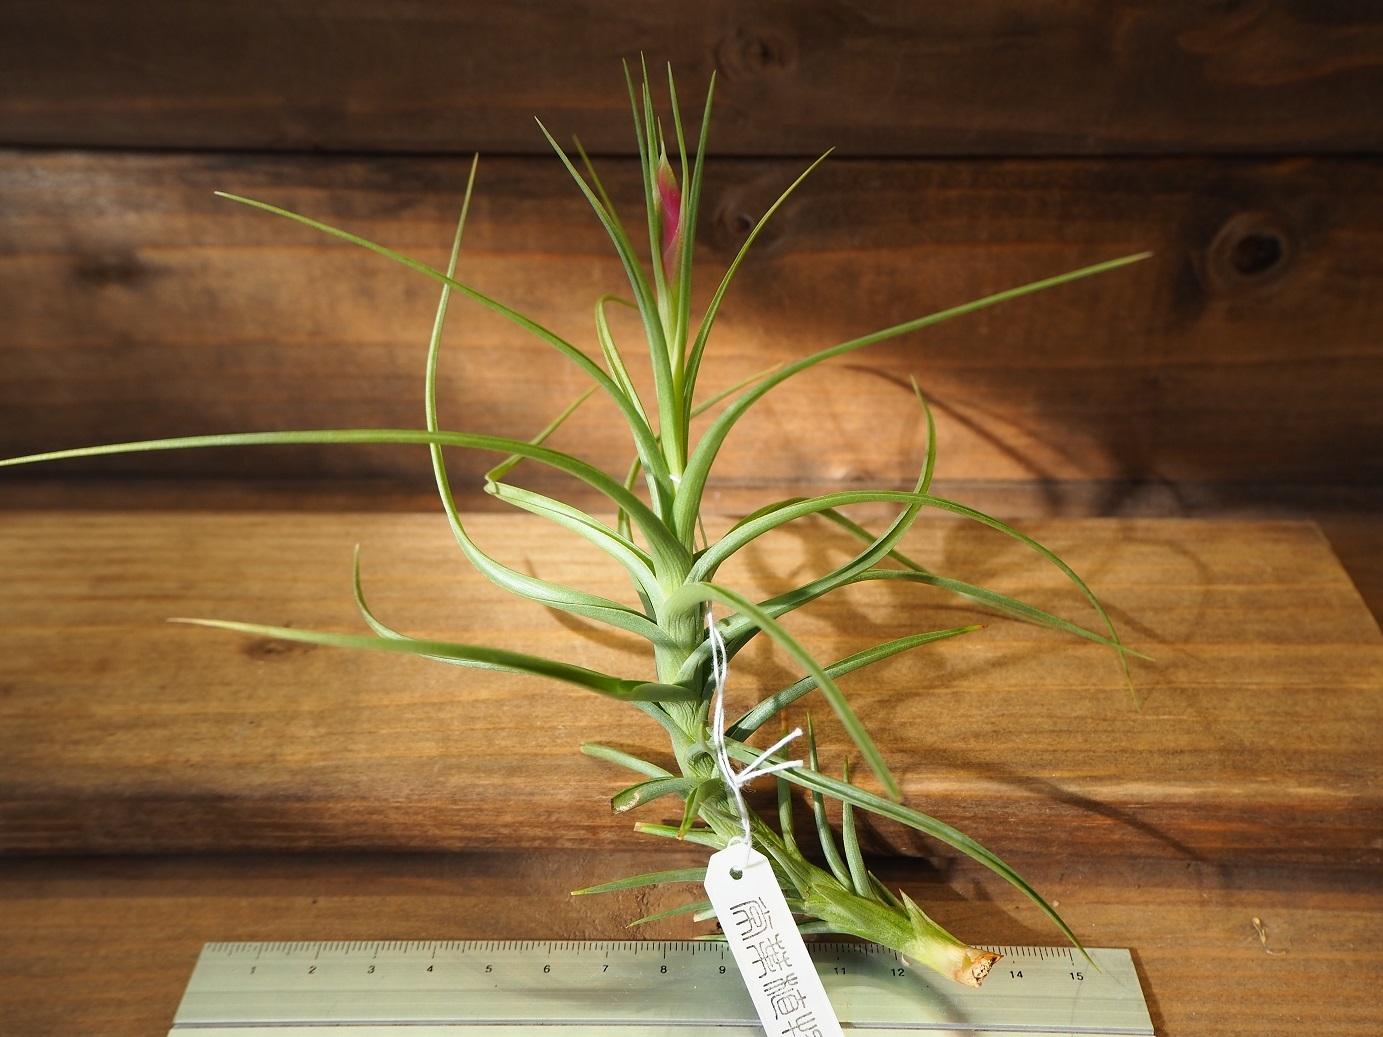 チランジア / アエラントス ハイブリッド ジャイアント (T.aeranthos 'Hybrid Giant')